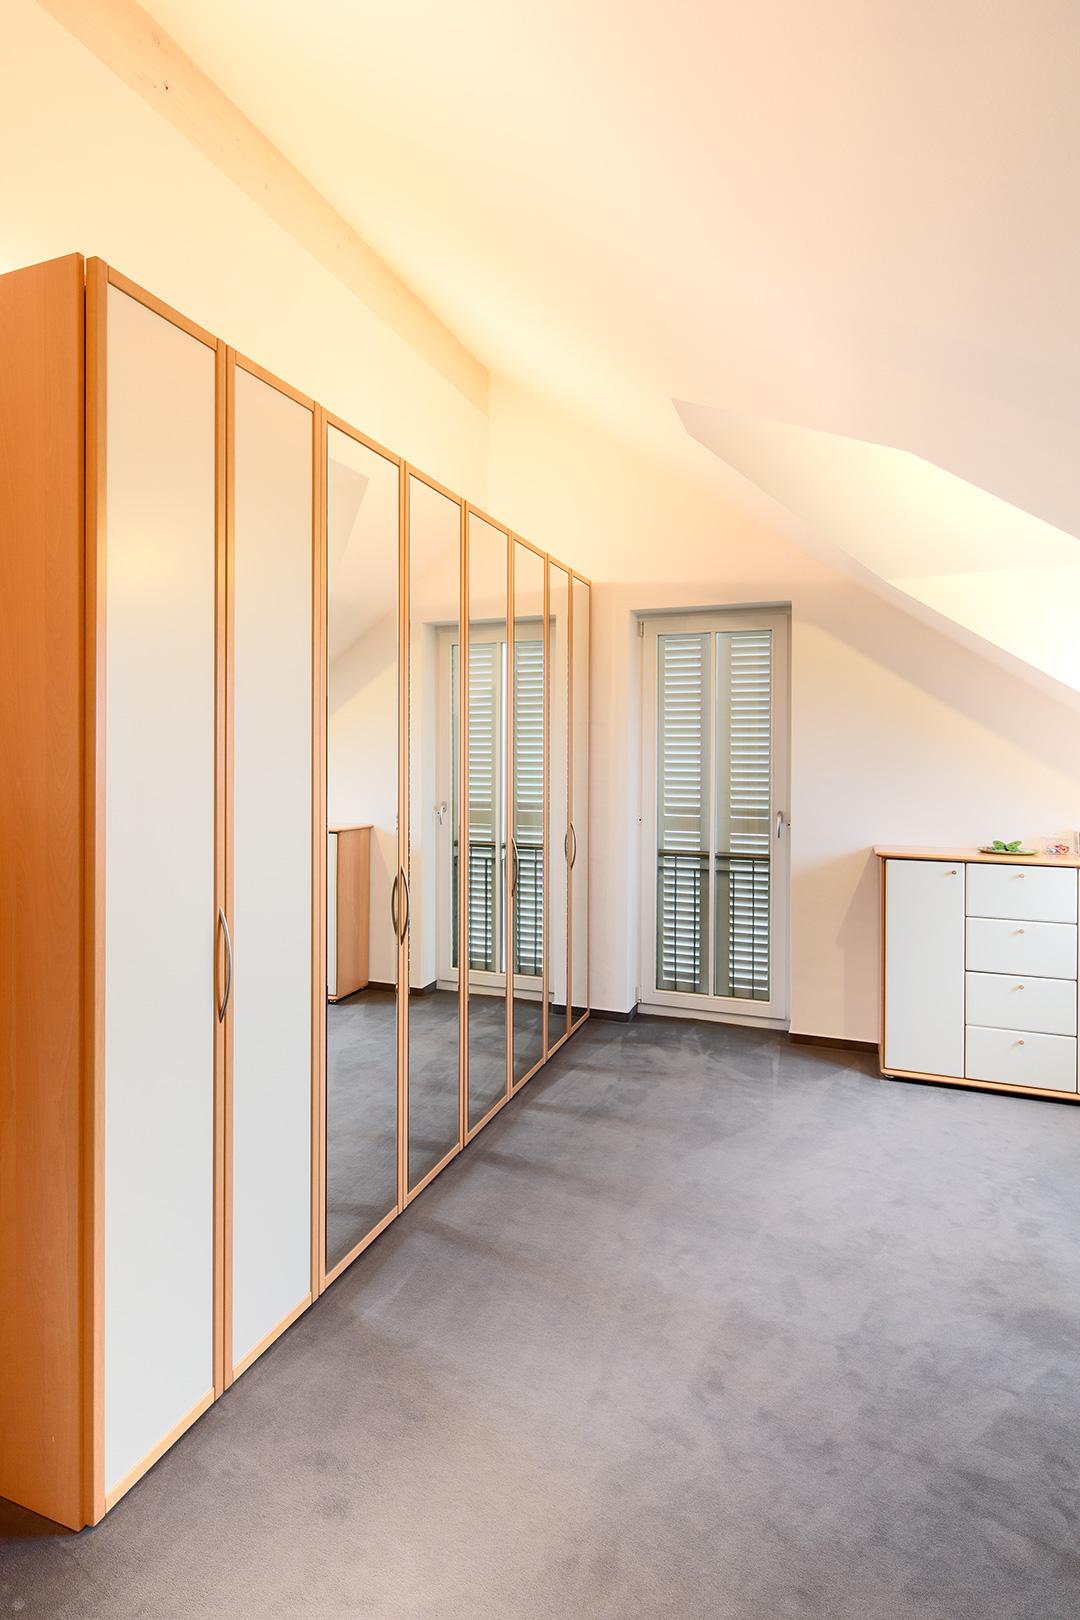 Architekturfotografie, Innenarchitektur: Ankleideraum | Foto: Dieter Eikenberg, imprints